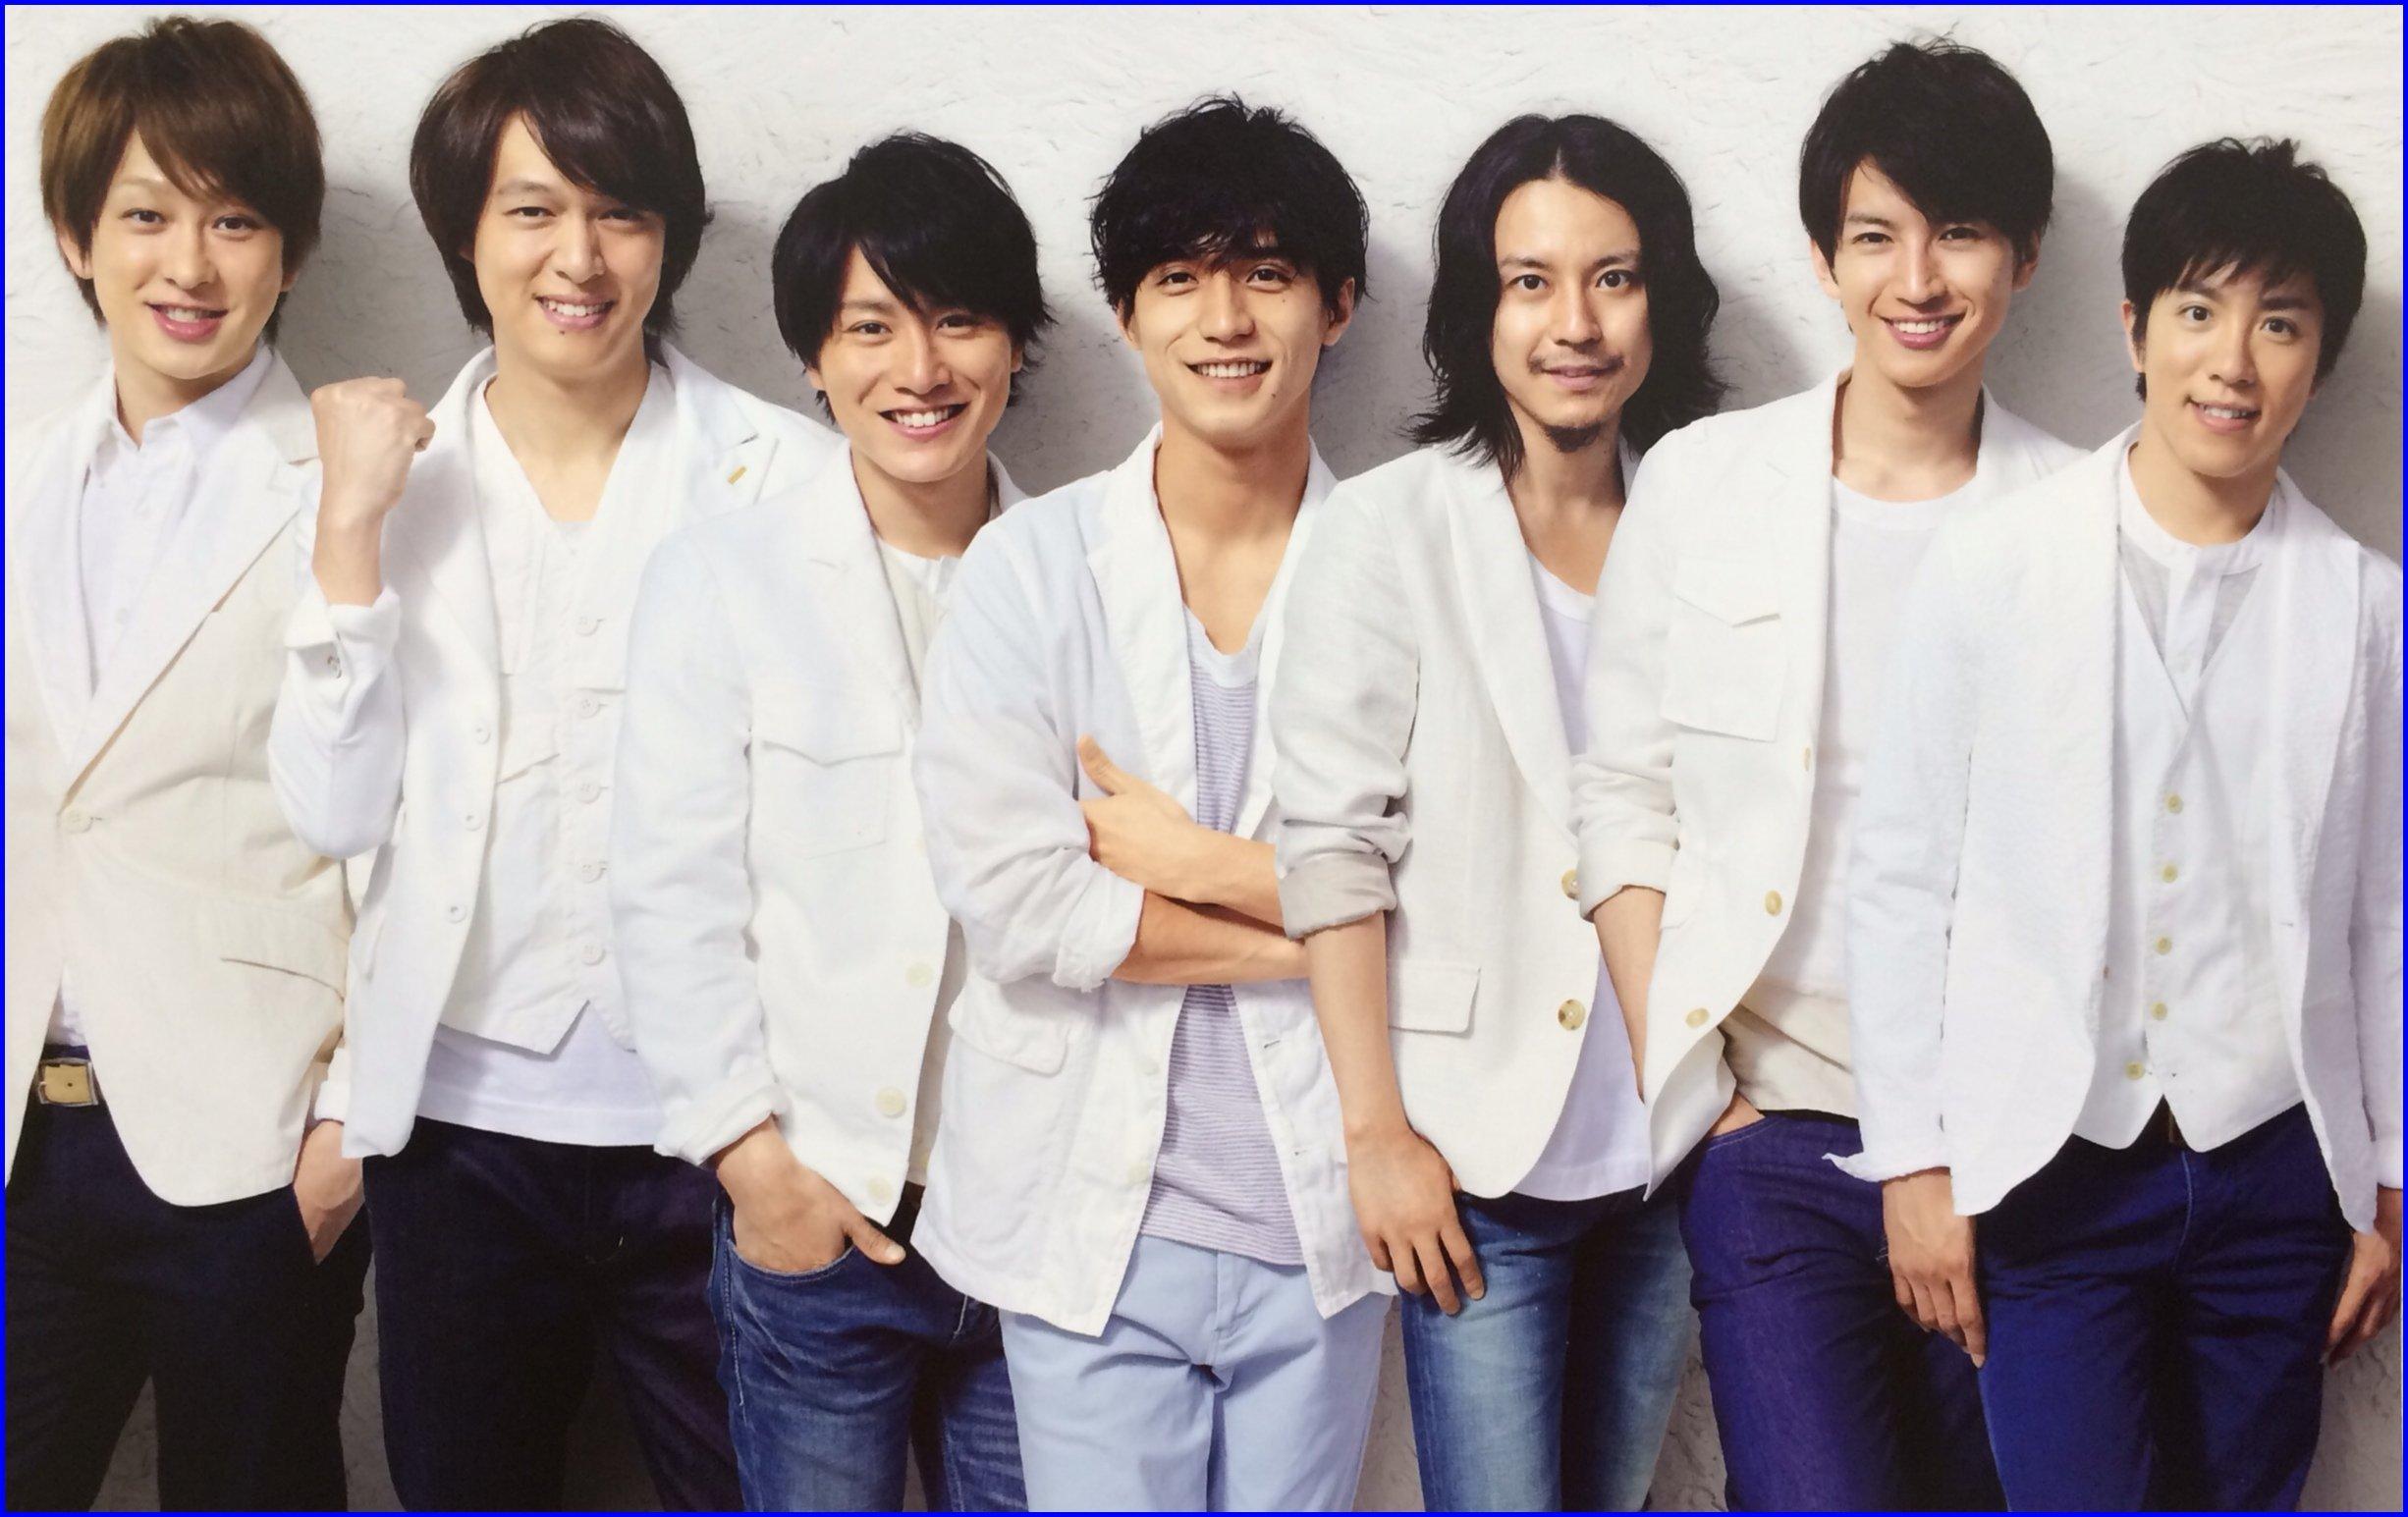 「関ジャニ∞」の画像検索結果